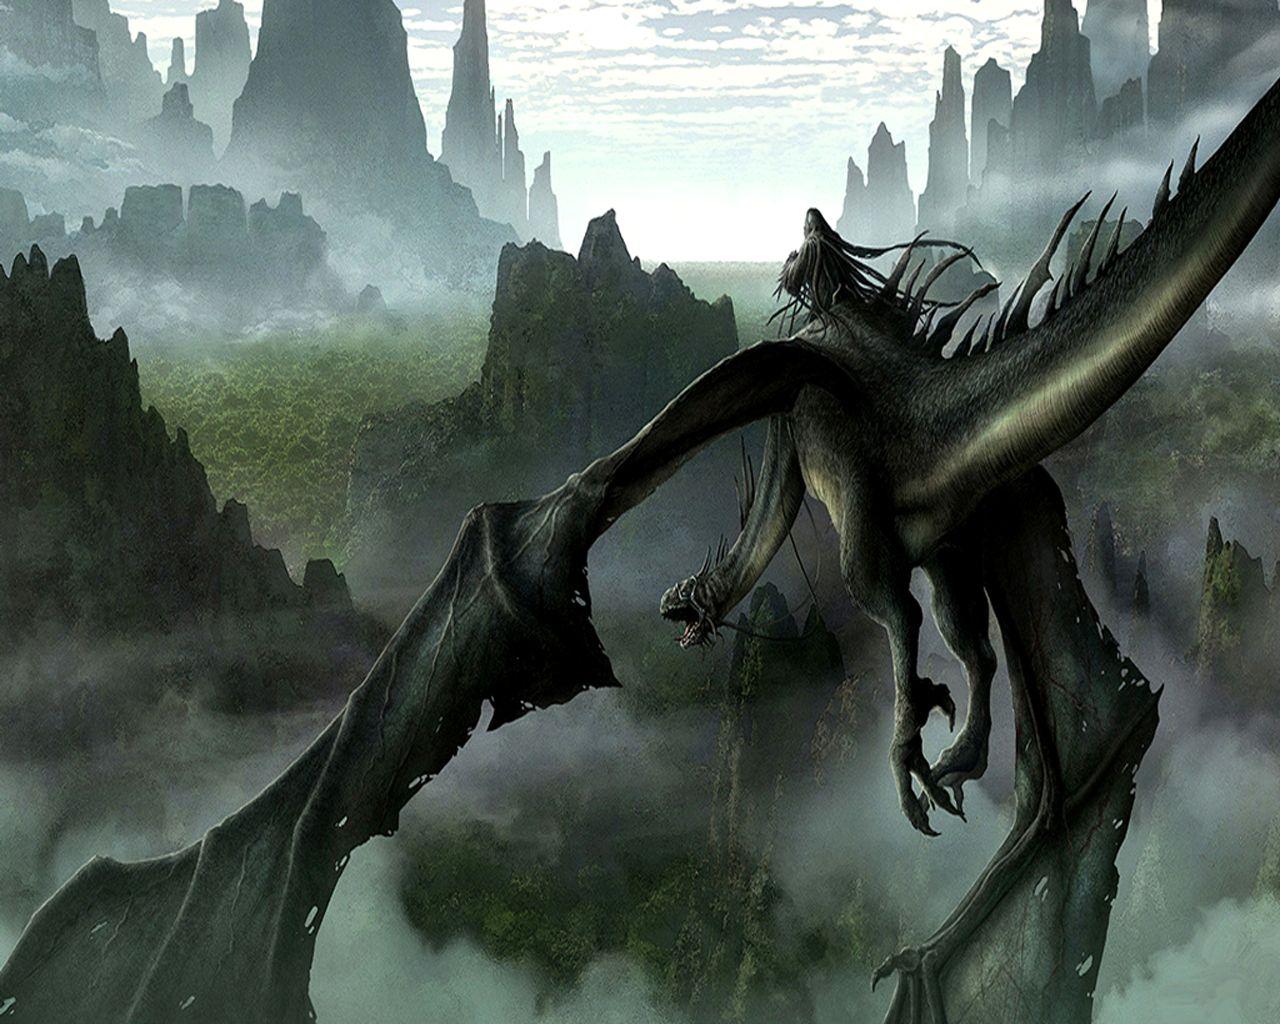 fond d ecran dragon - Page 52